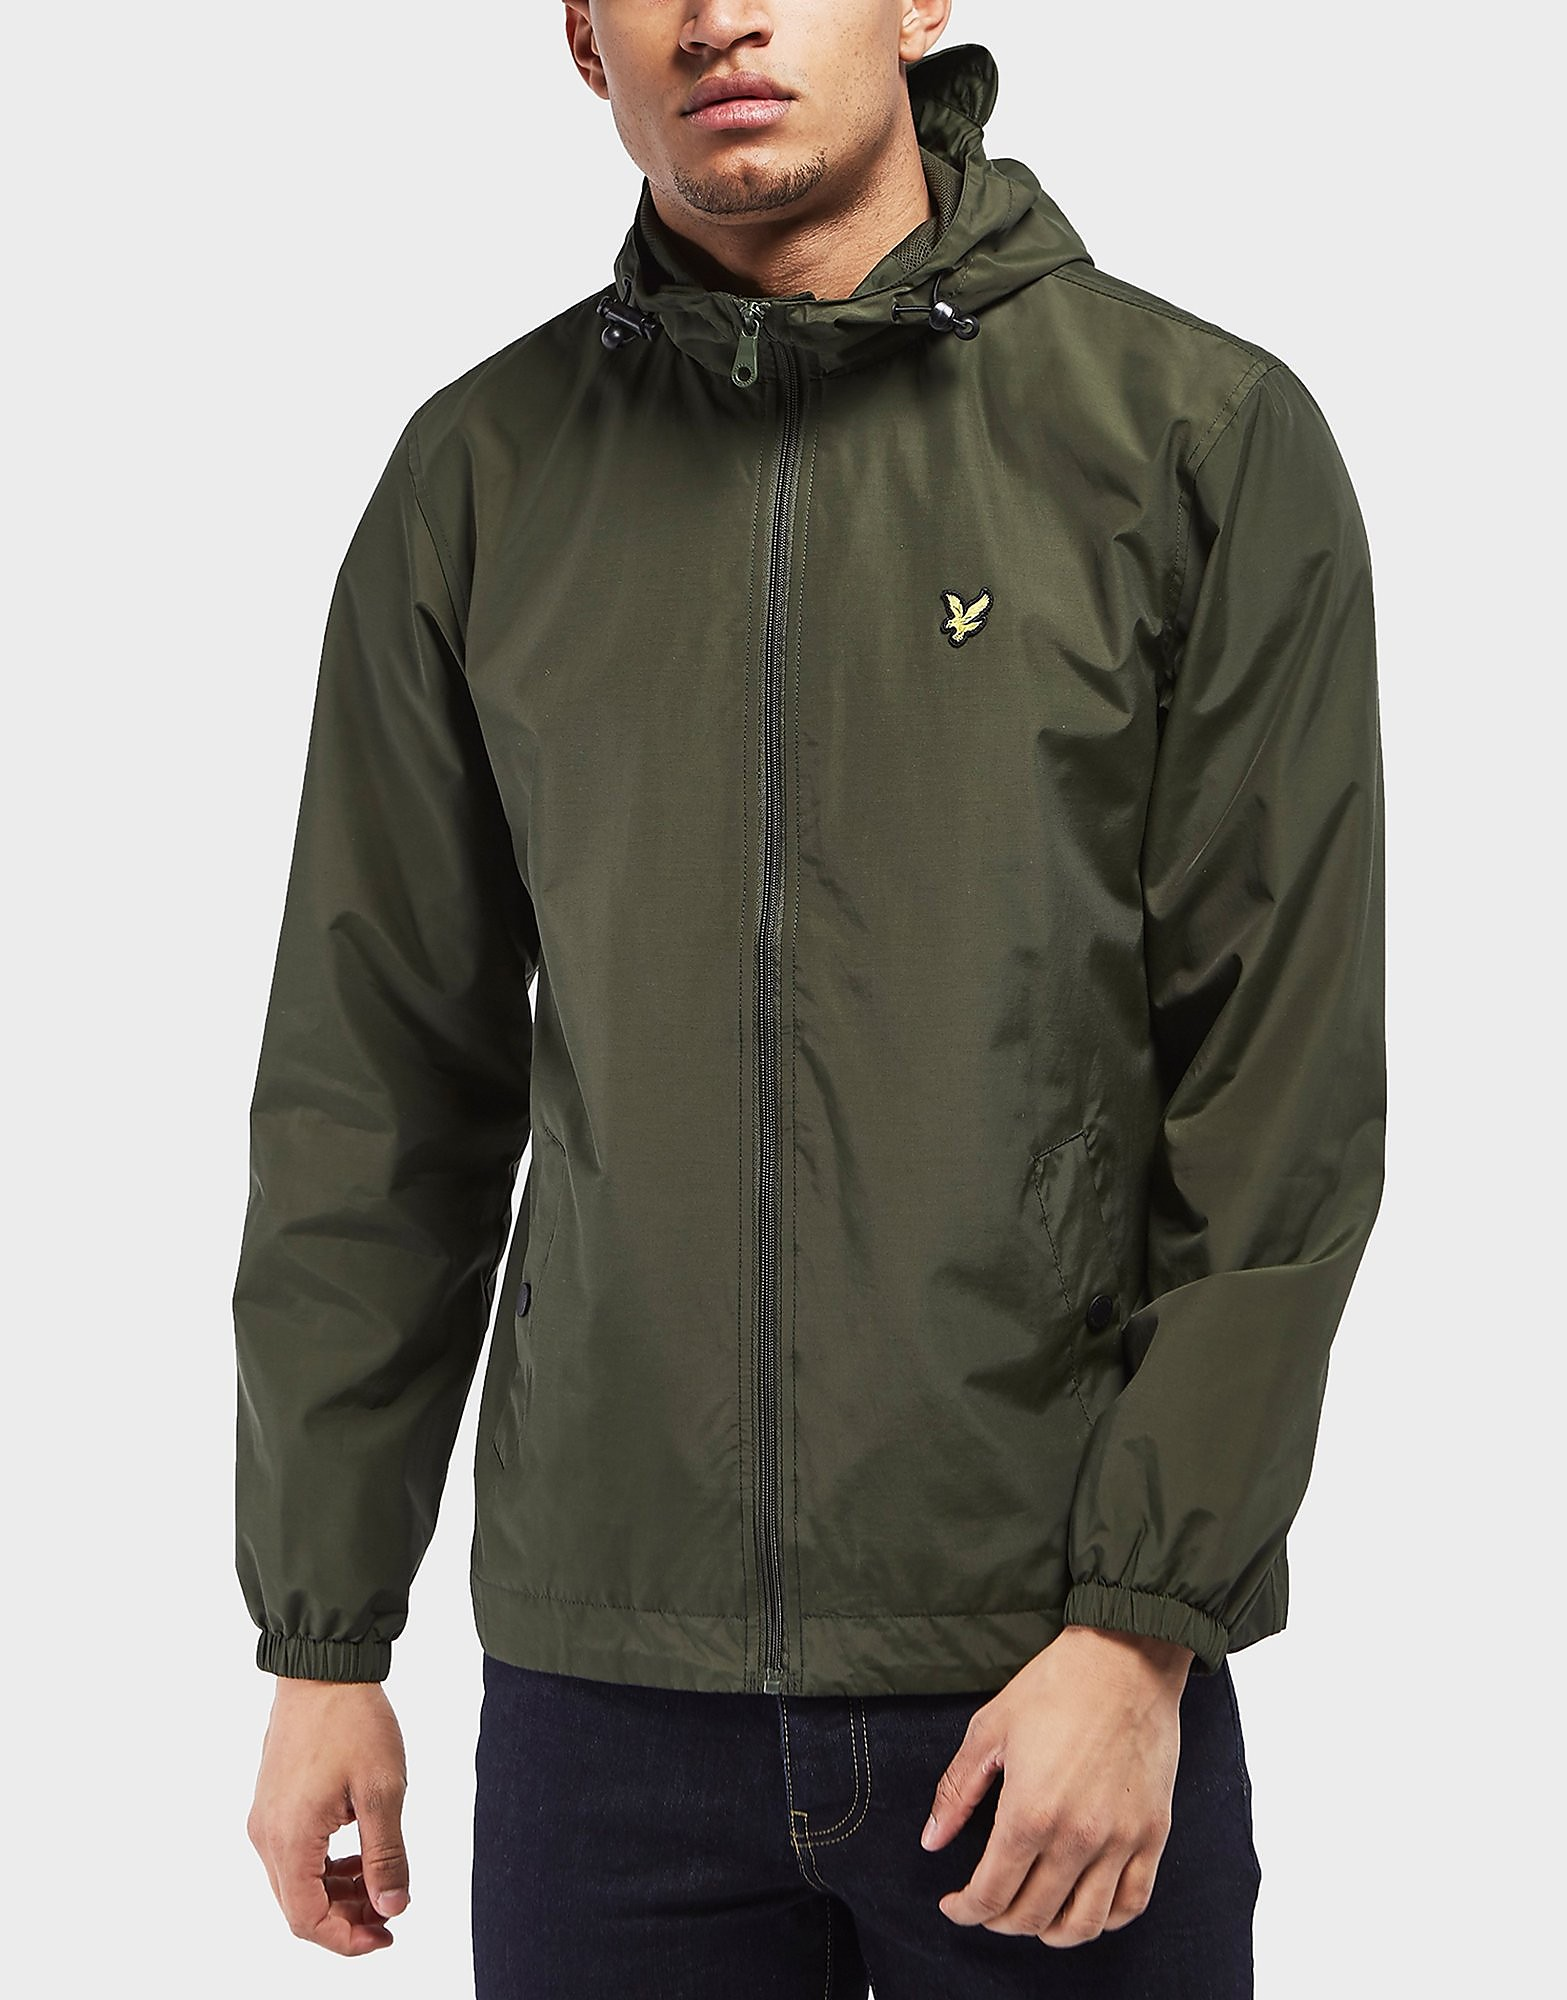 Lyle & Scott Full Zip Hooded Jacket